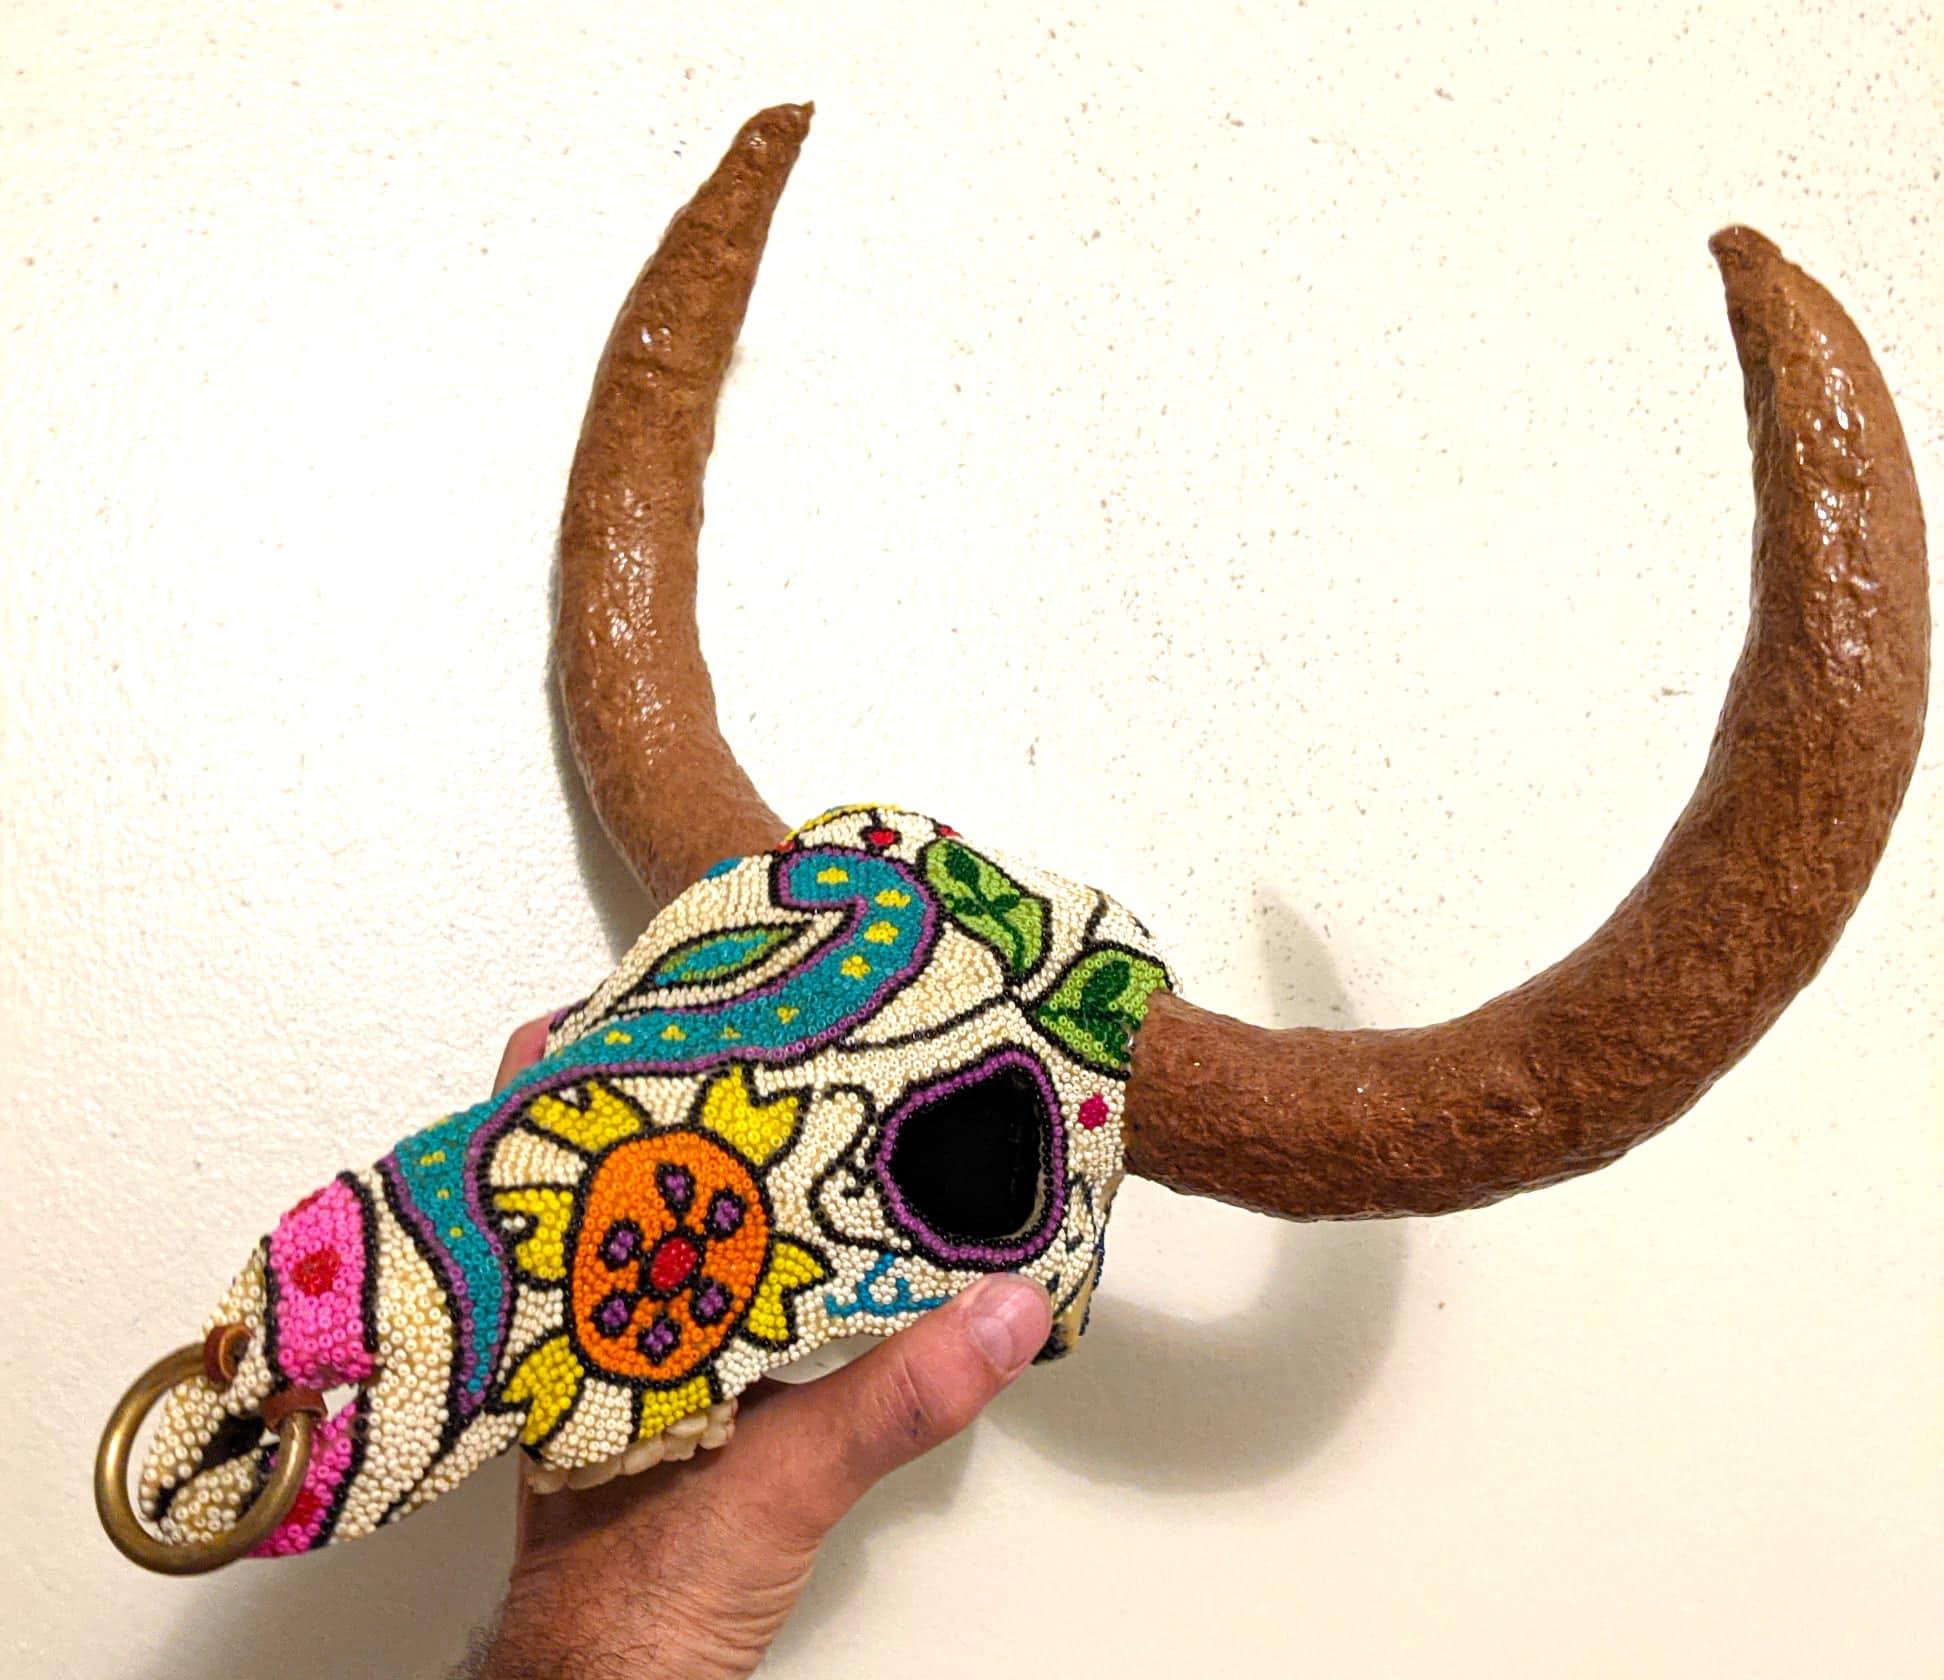 Paper mache bulls's skull